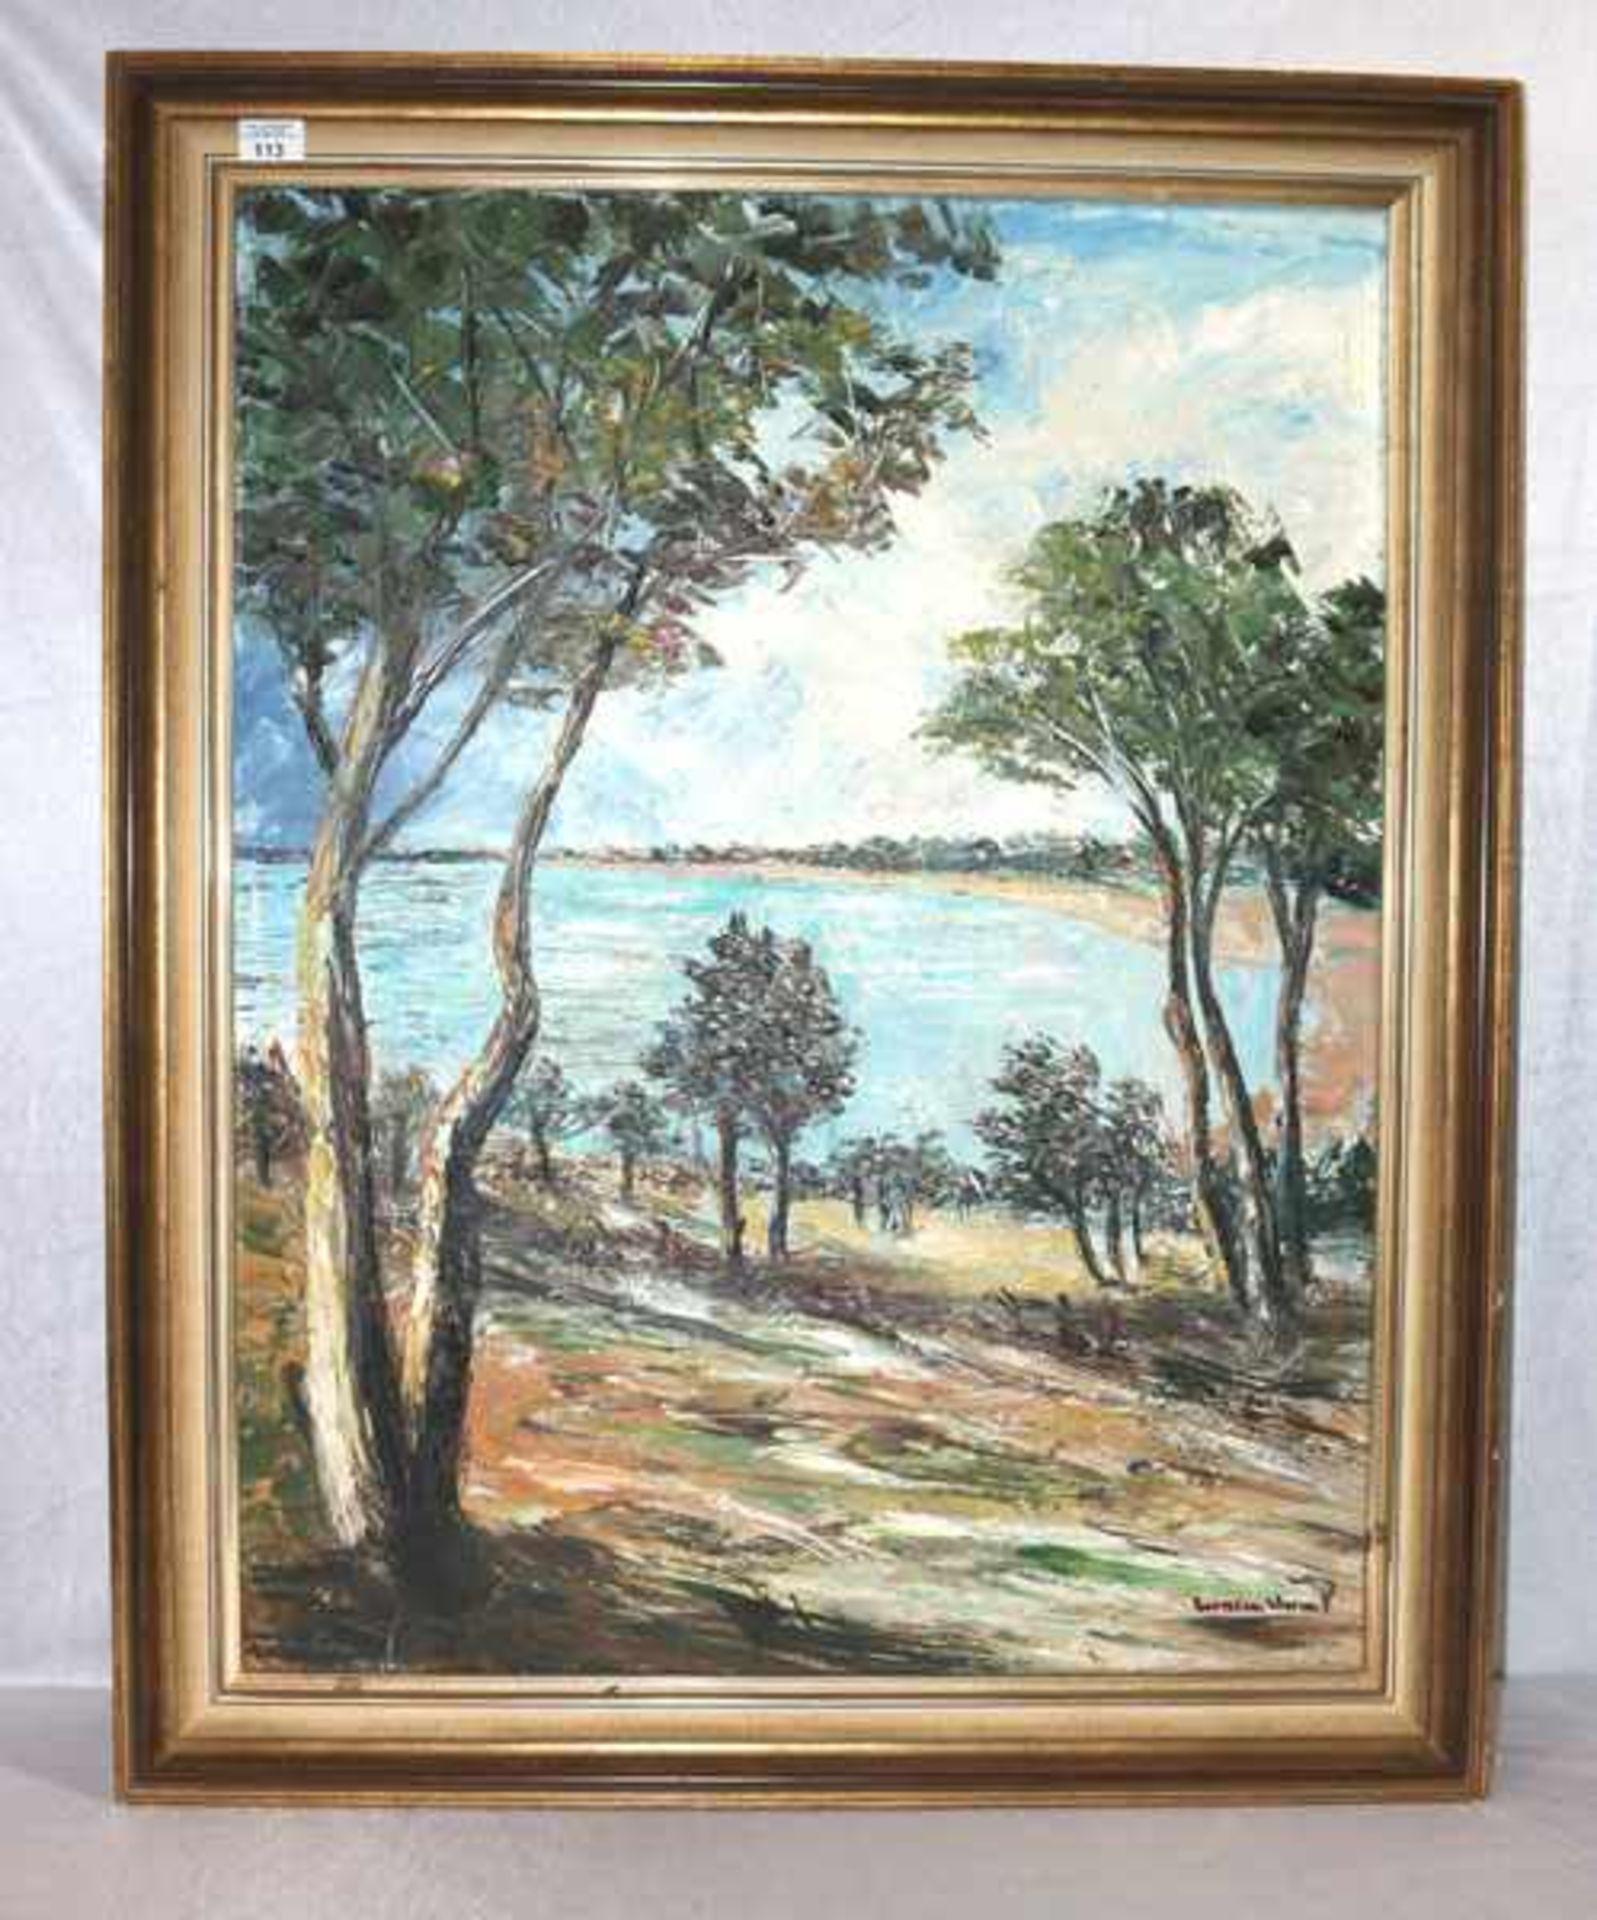 Los 113 - Gemälde ÖL/LW 'Bäume am Seeufer', undeutlich signiert, gerahmt Rahmen leicht bestossen, incl. Rahmen